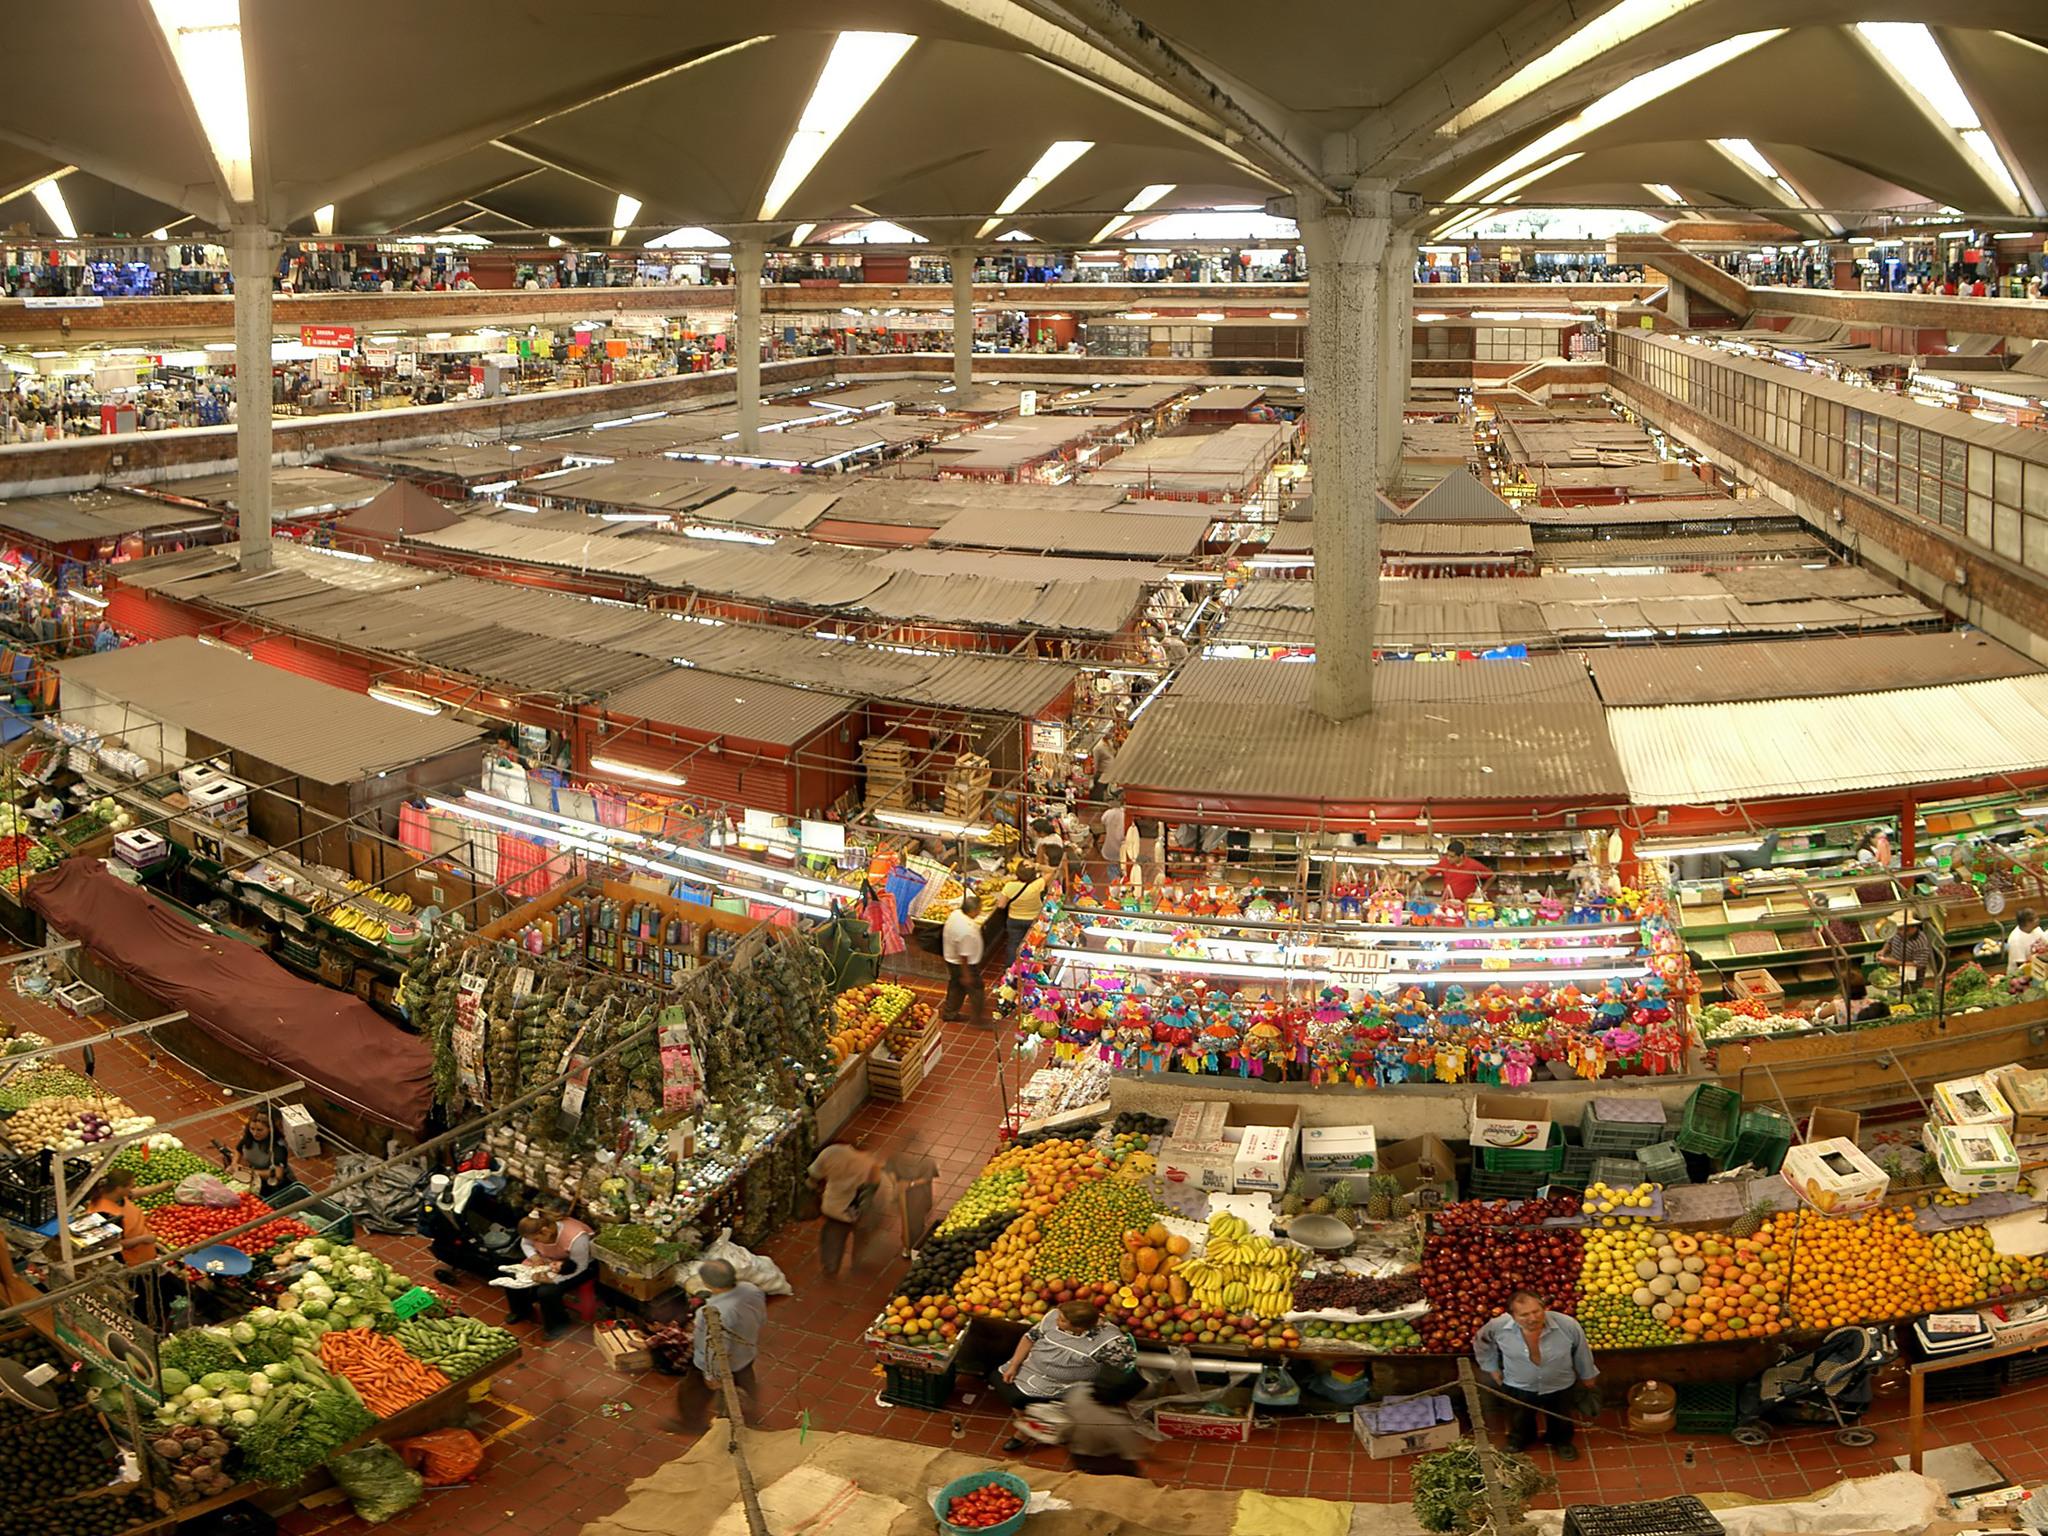 Mercado Libertad Guadalajara interior panorama shot.jpg